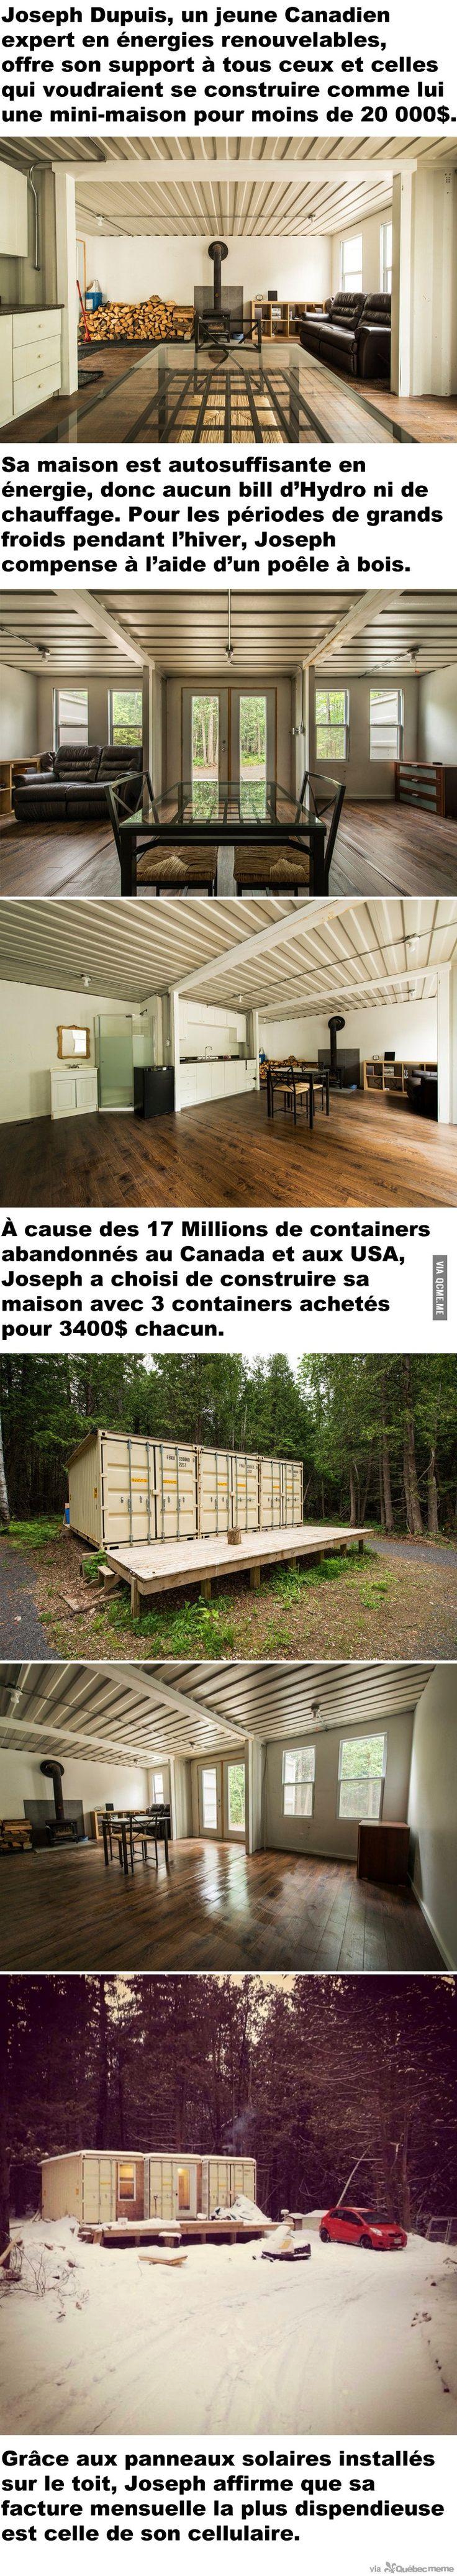 Joseph Dupuis, un jeune Canadien expert en énergies renouvelables, offre son support à tous ceux et celles qui voudraient se construire comme lui une mini-maison pour moins de 20 000$.